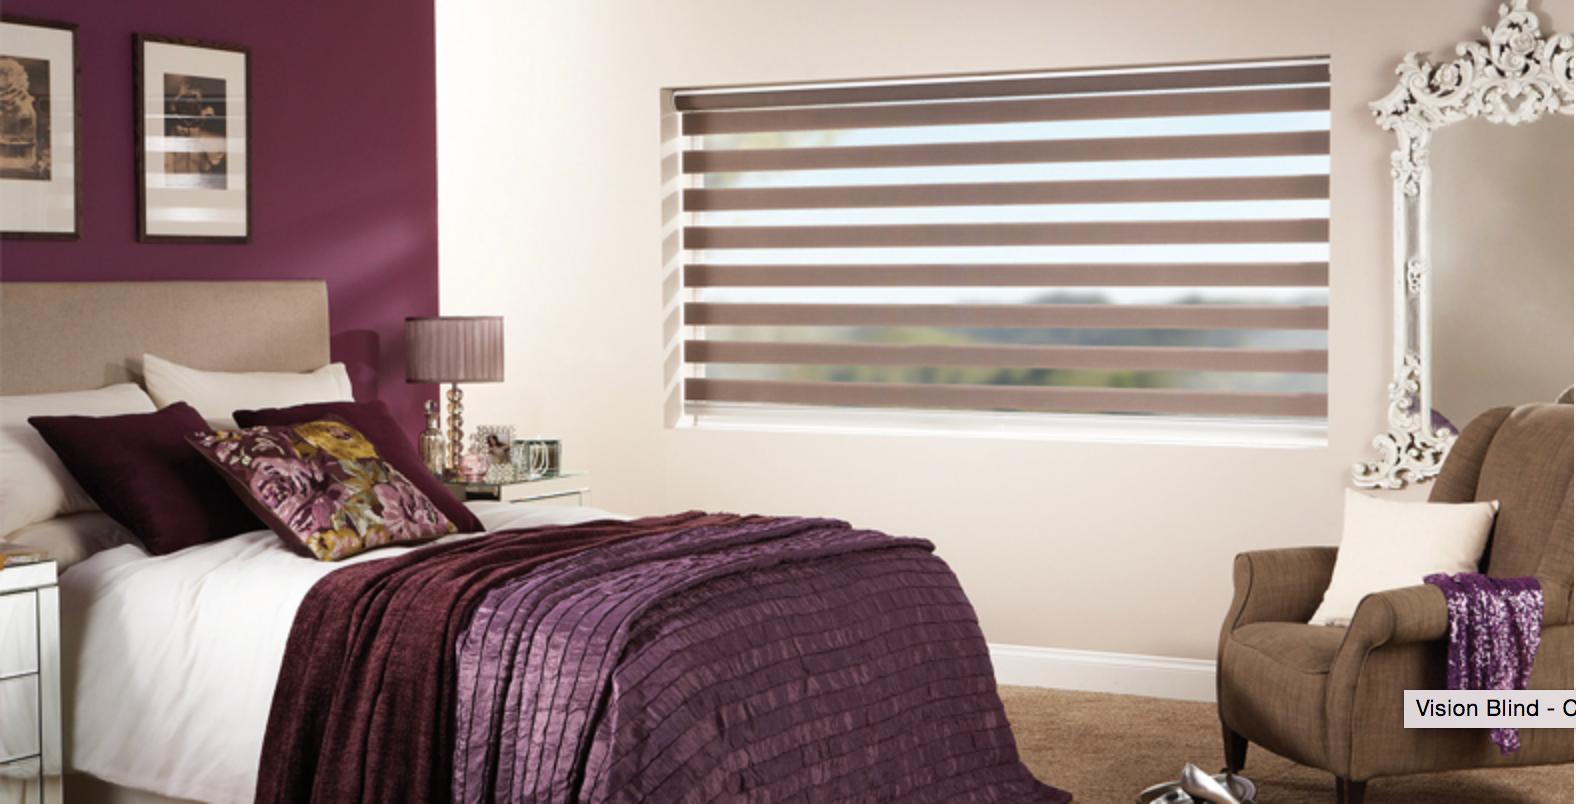 Rolgordijnen Slaapkamer 73 : Duorolgordijn in slaapkamer verkrijgbaar bij rolgordijnwinkel